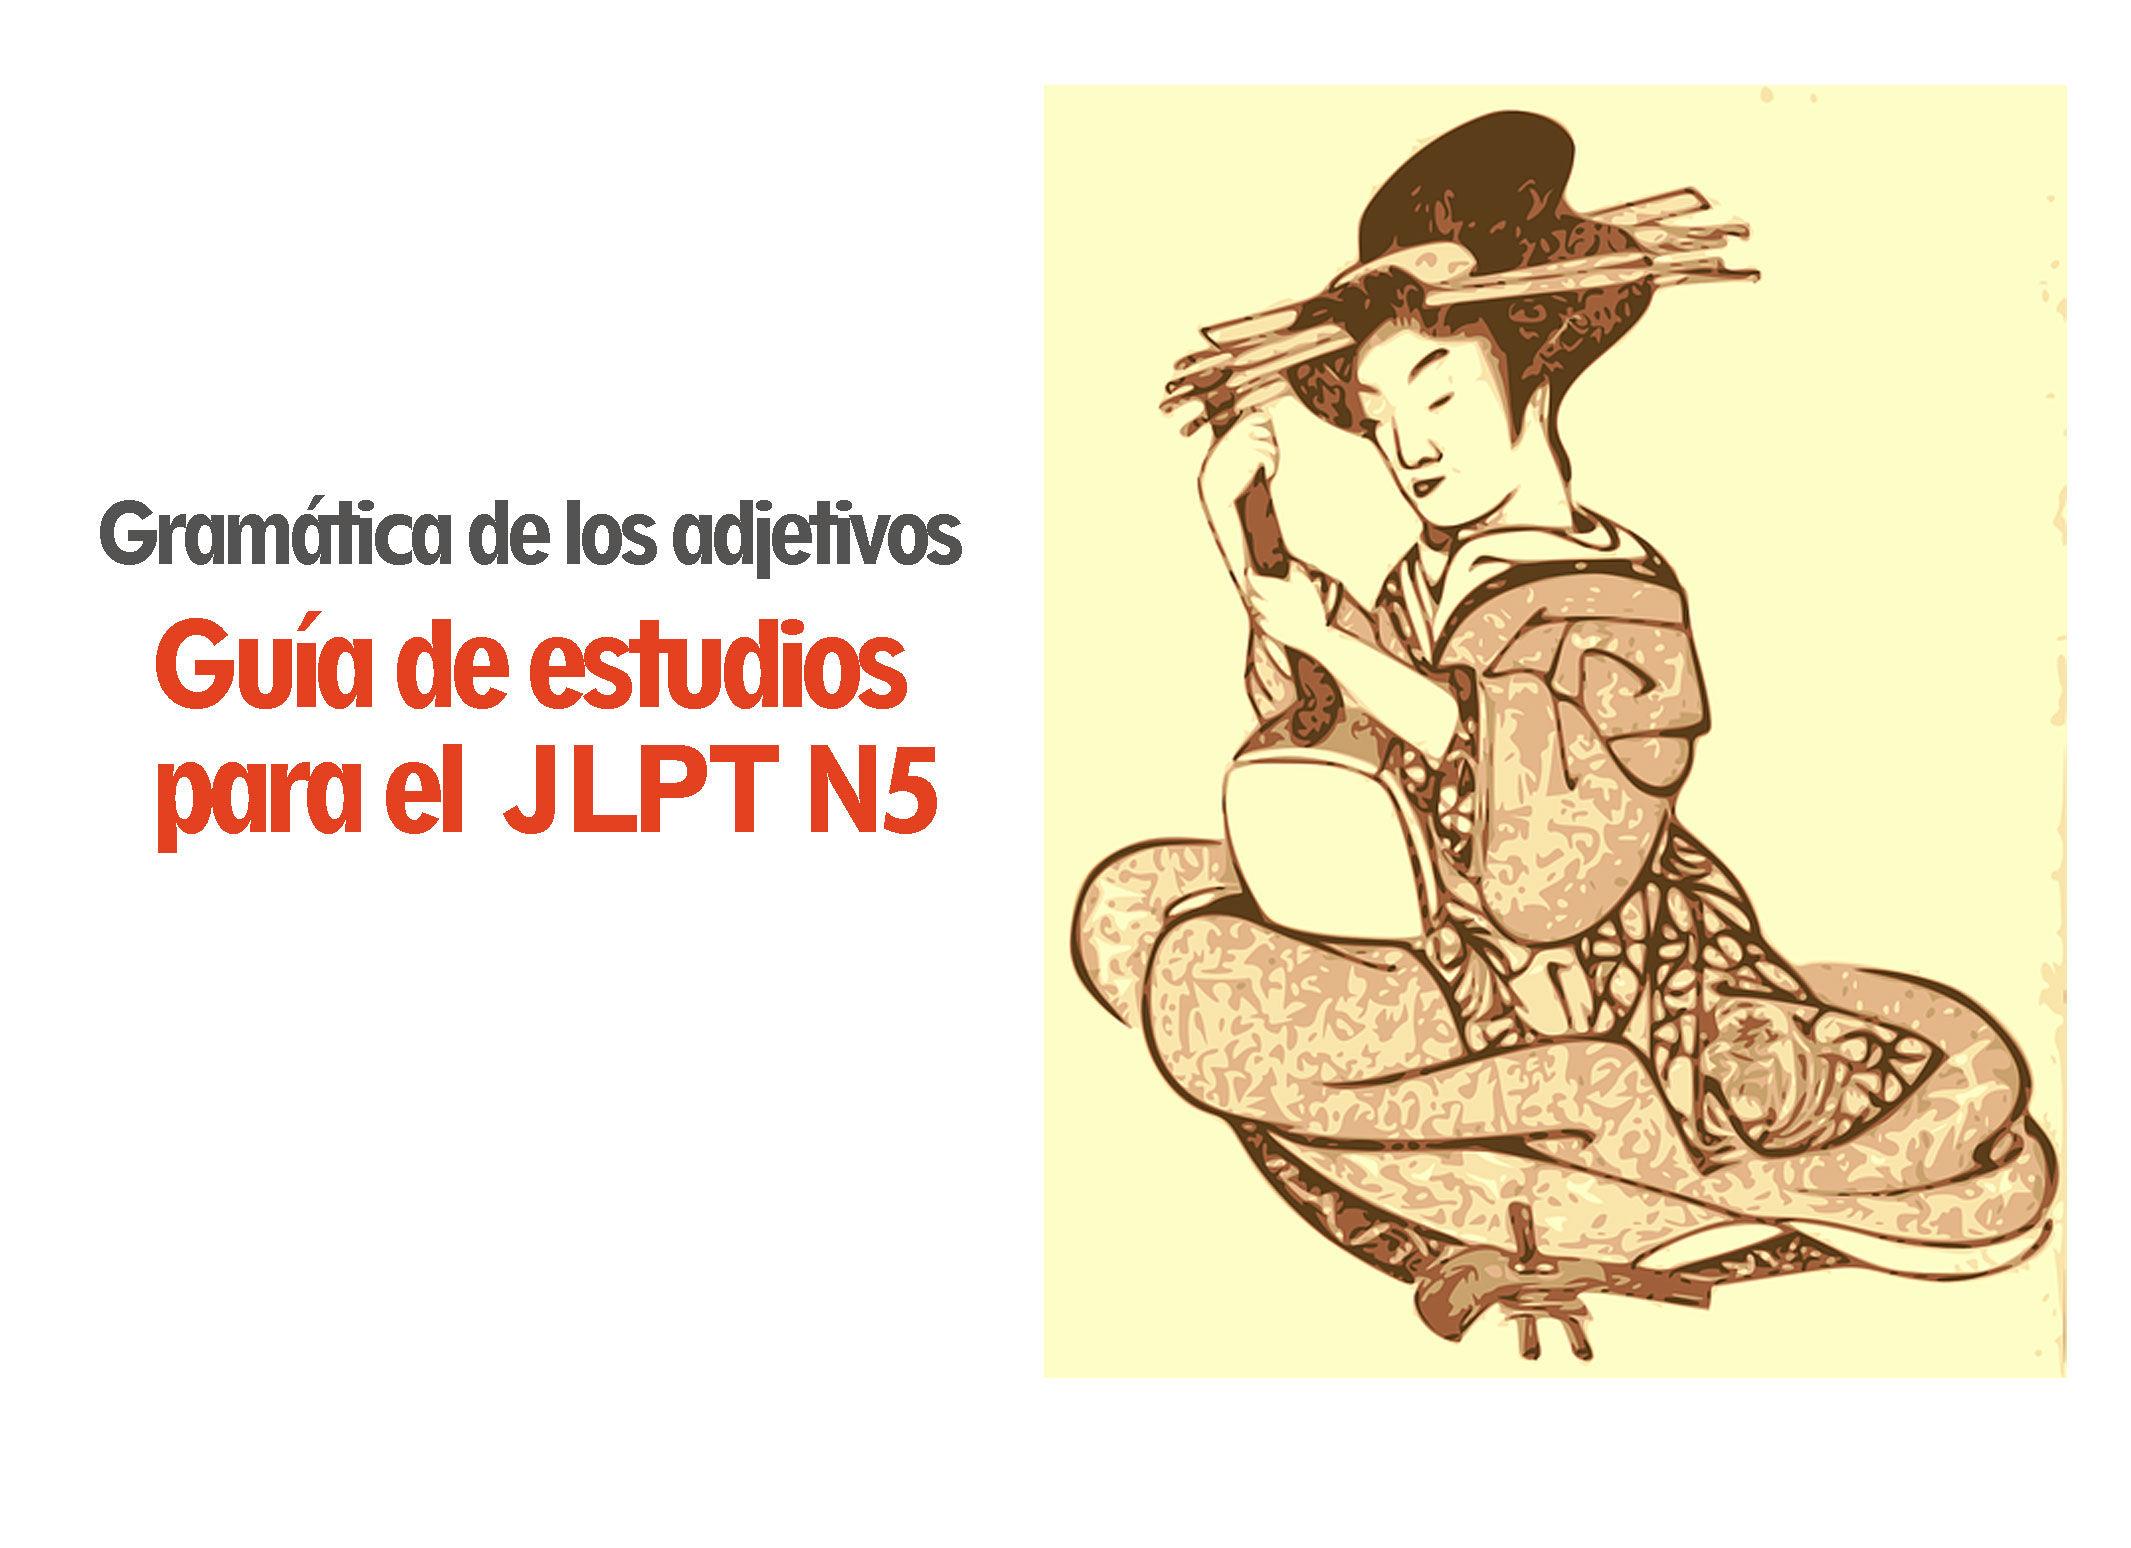 Guía de estudio para el JLPT N5: Gramática de los adjetivos